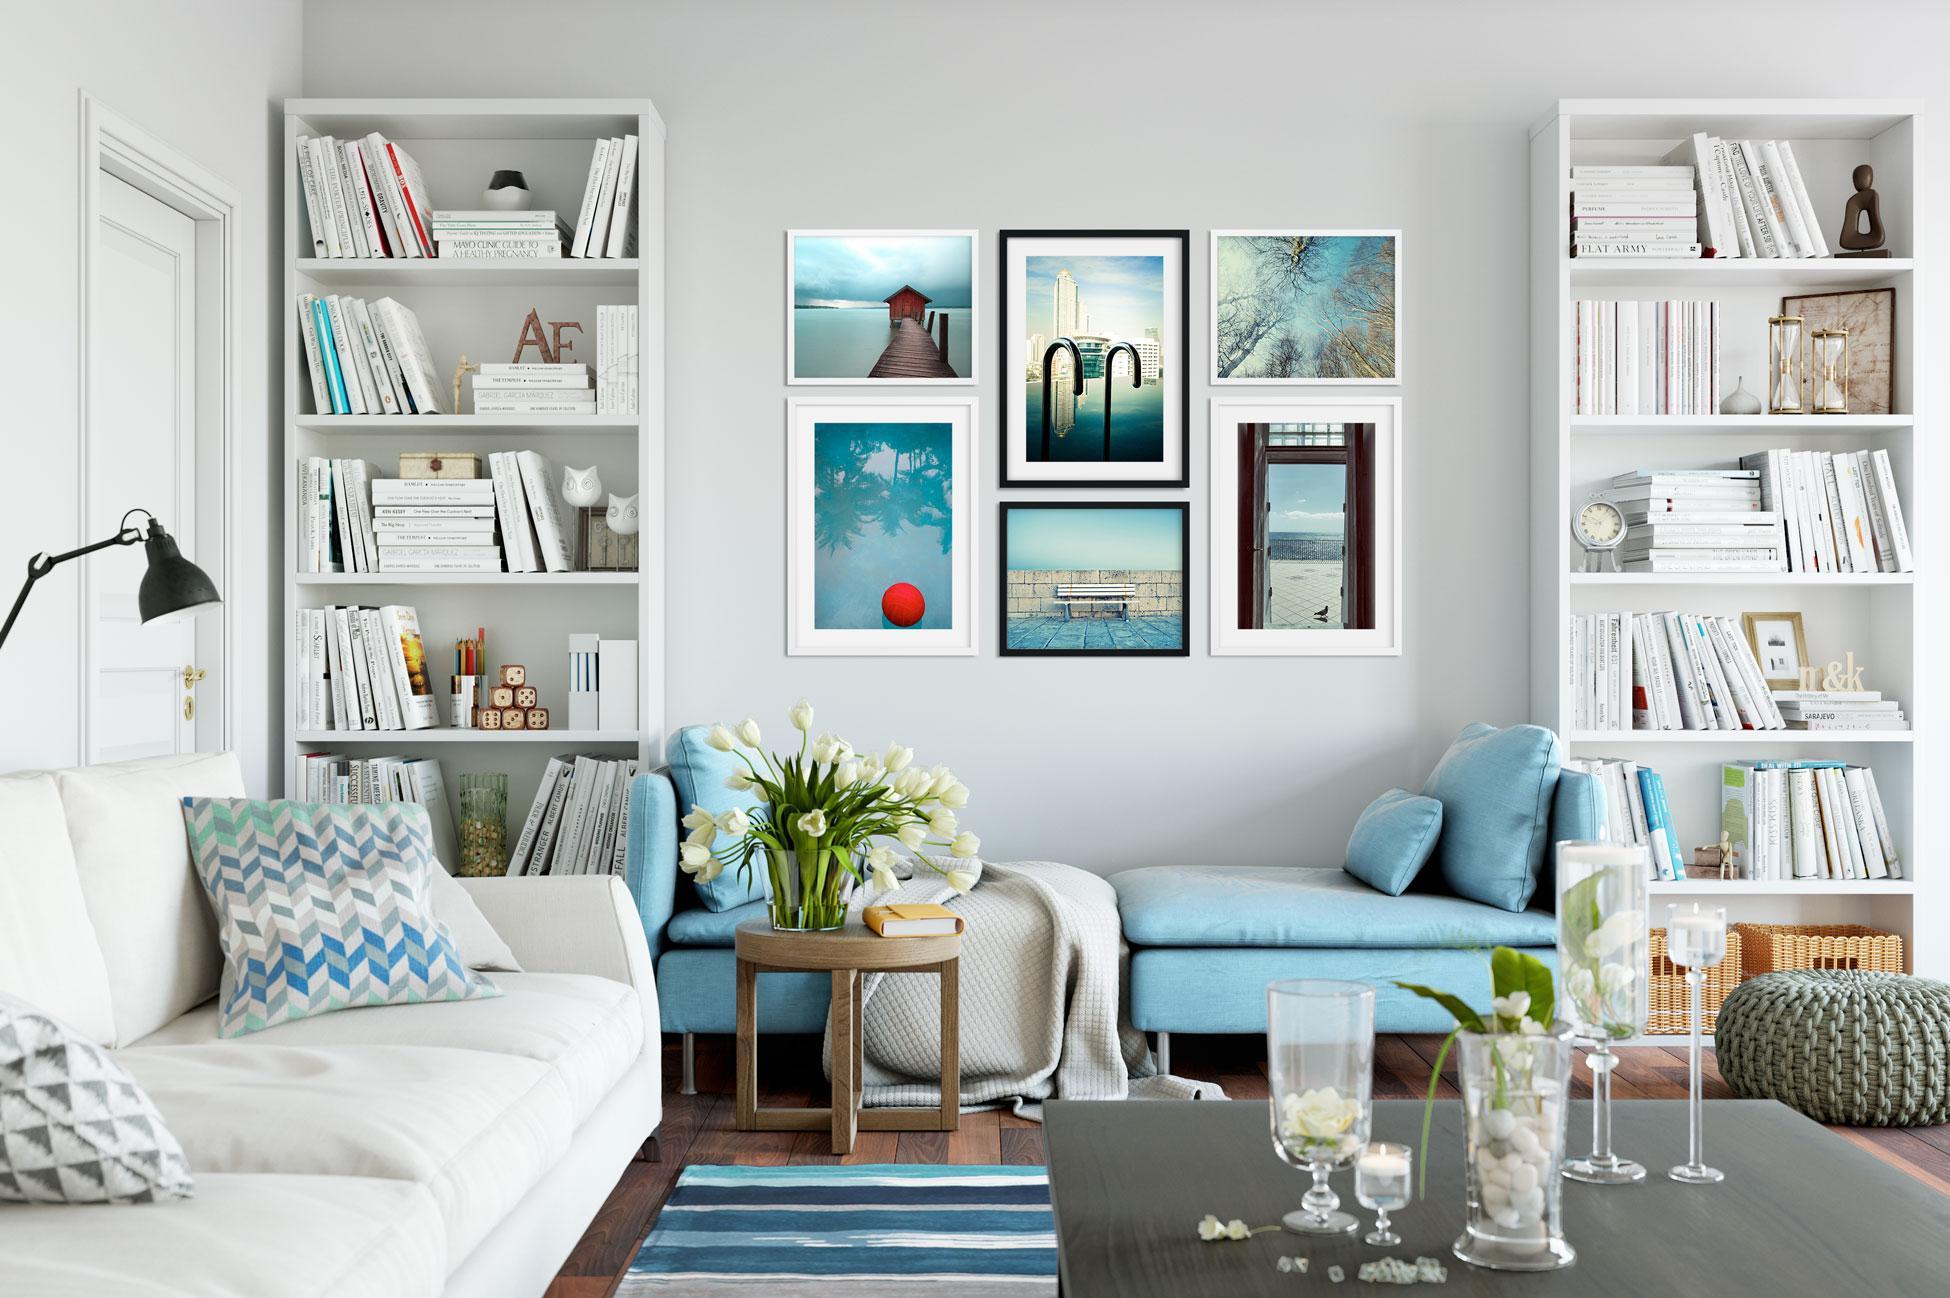 Wohnzimmer Mit Gemischter Bilderwand Bilderrahmen CPhotocircle